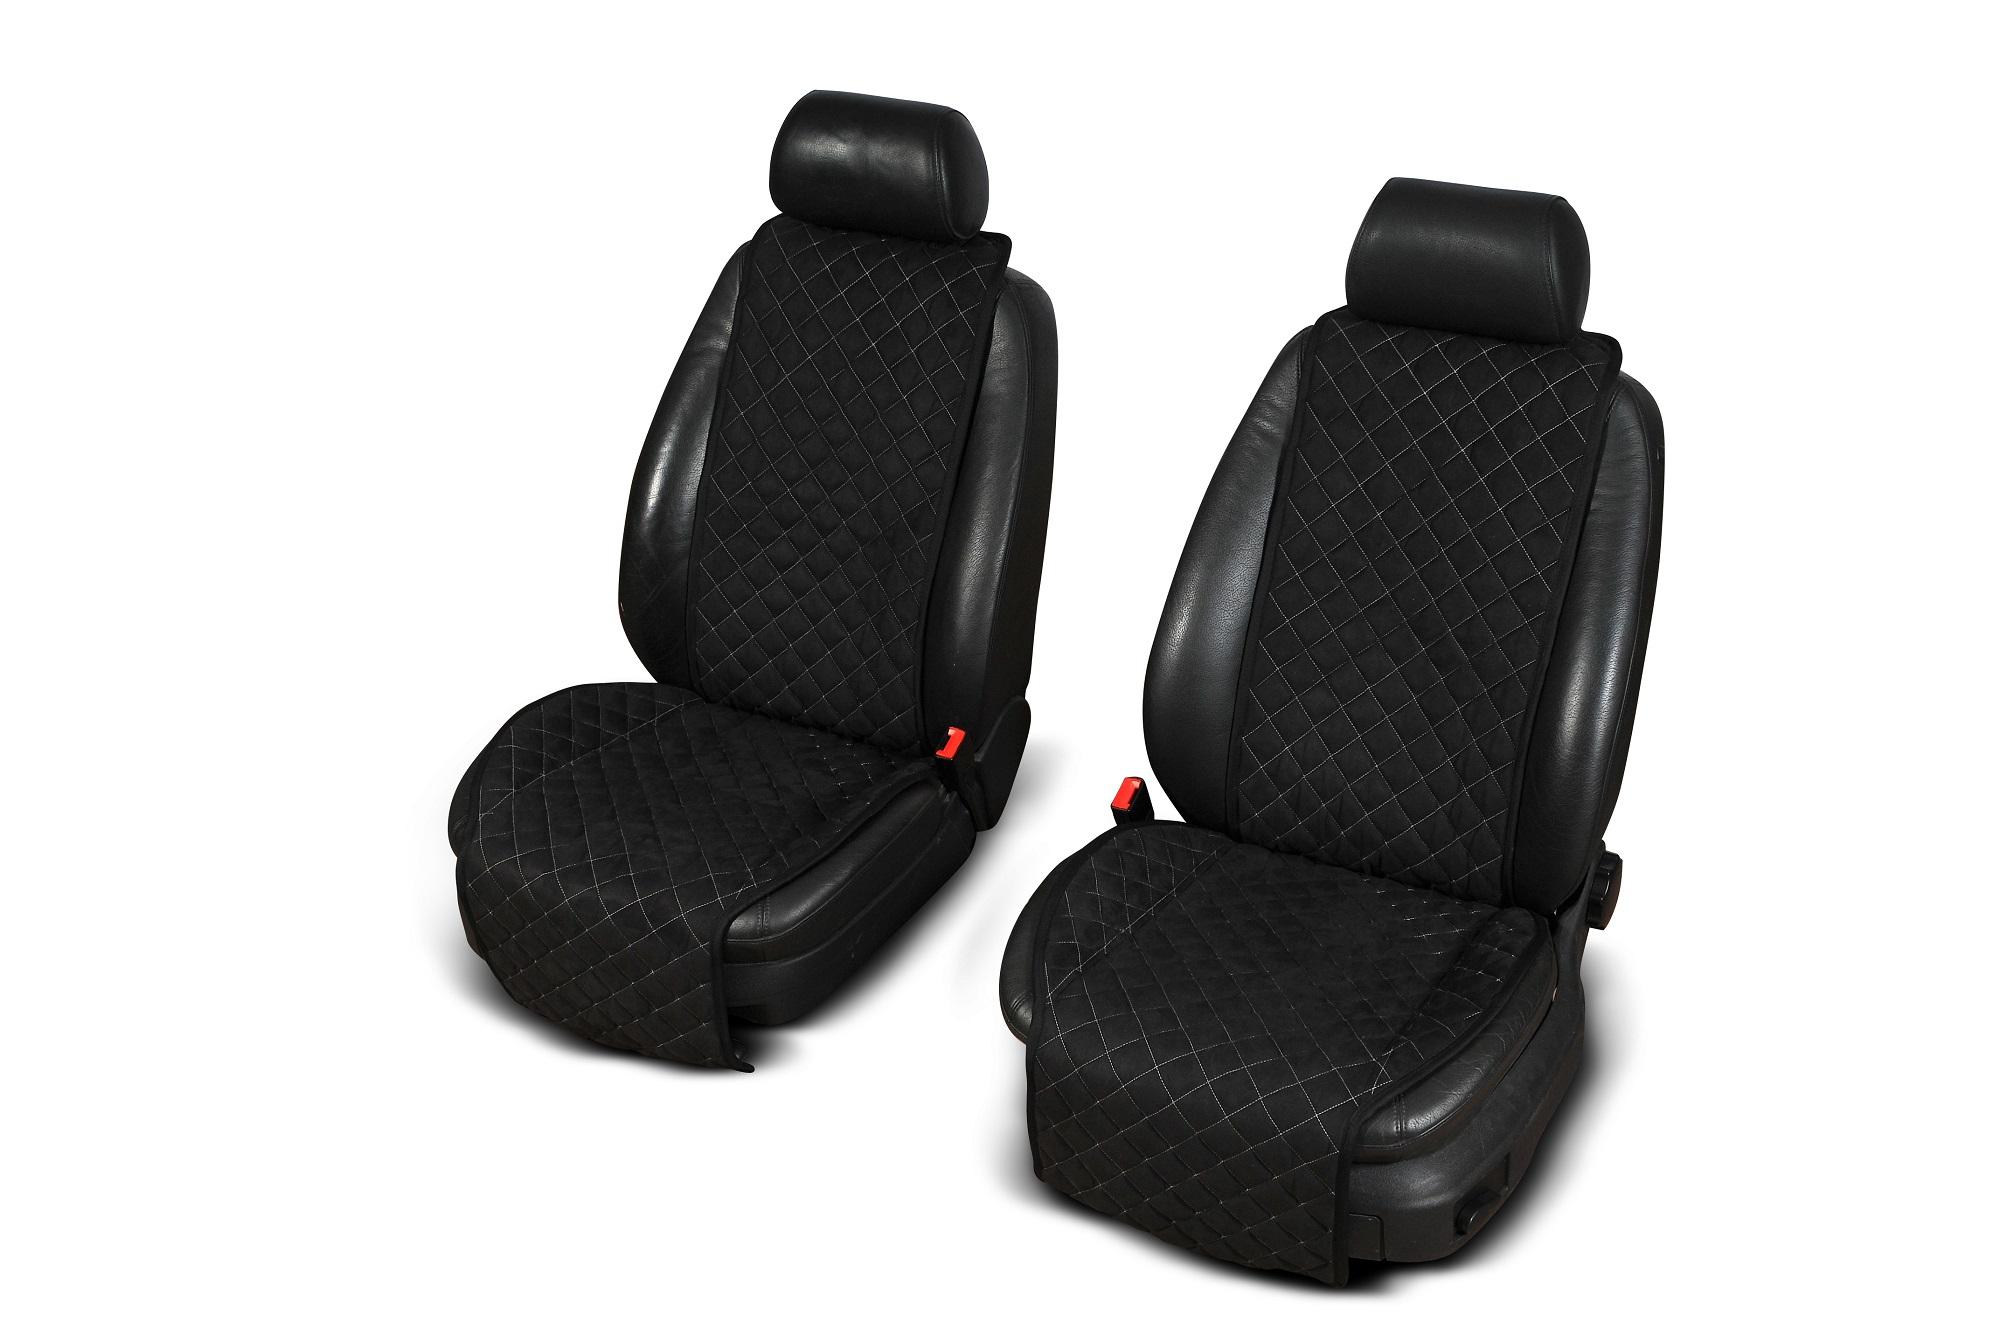 Autopotahy Cantra - ŠIROKÉ. 2x autopotahy na přední sedadla Barva: Černá s modrým prošíváním